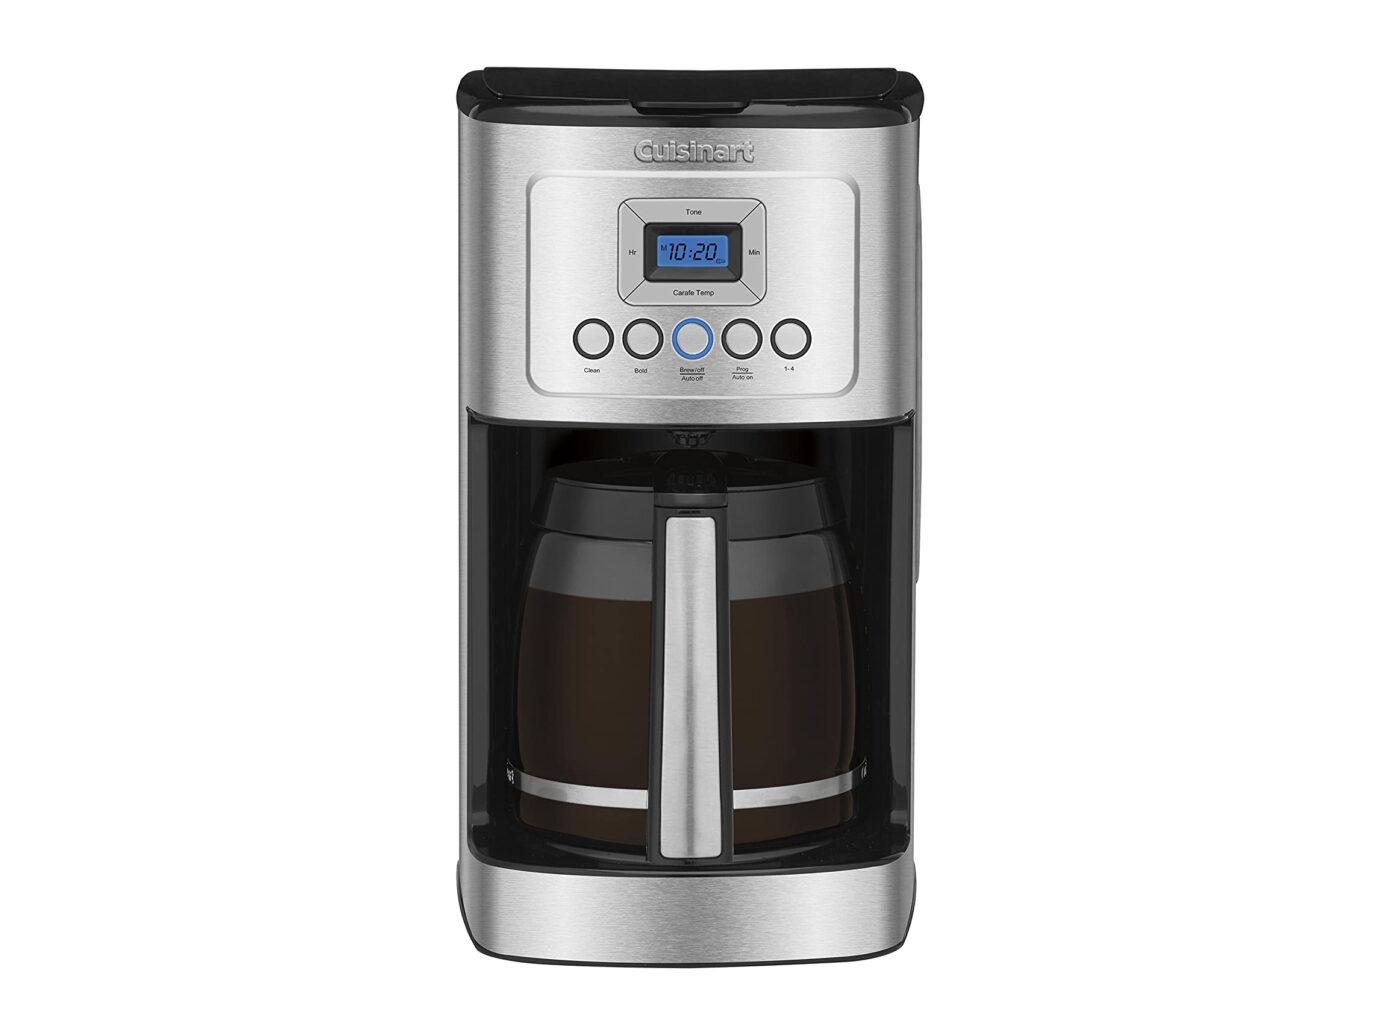 Cuisinart Programmable Coffeemaker